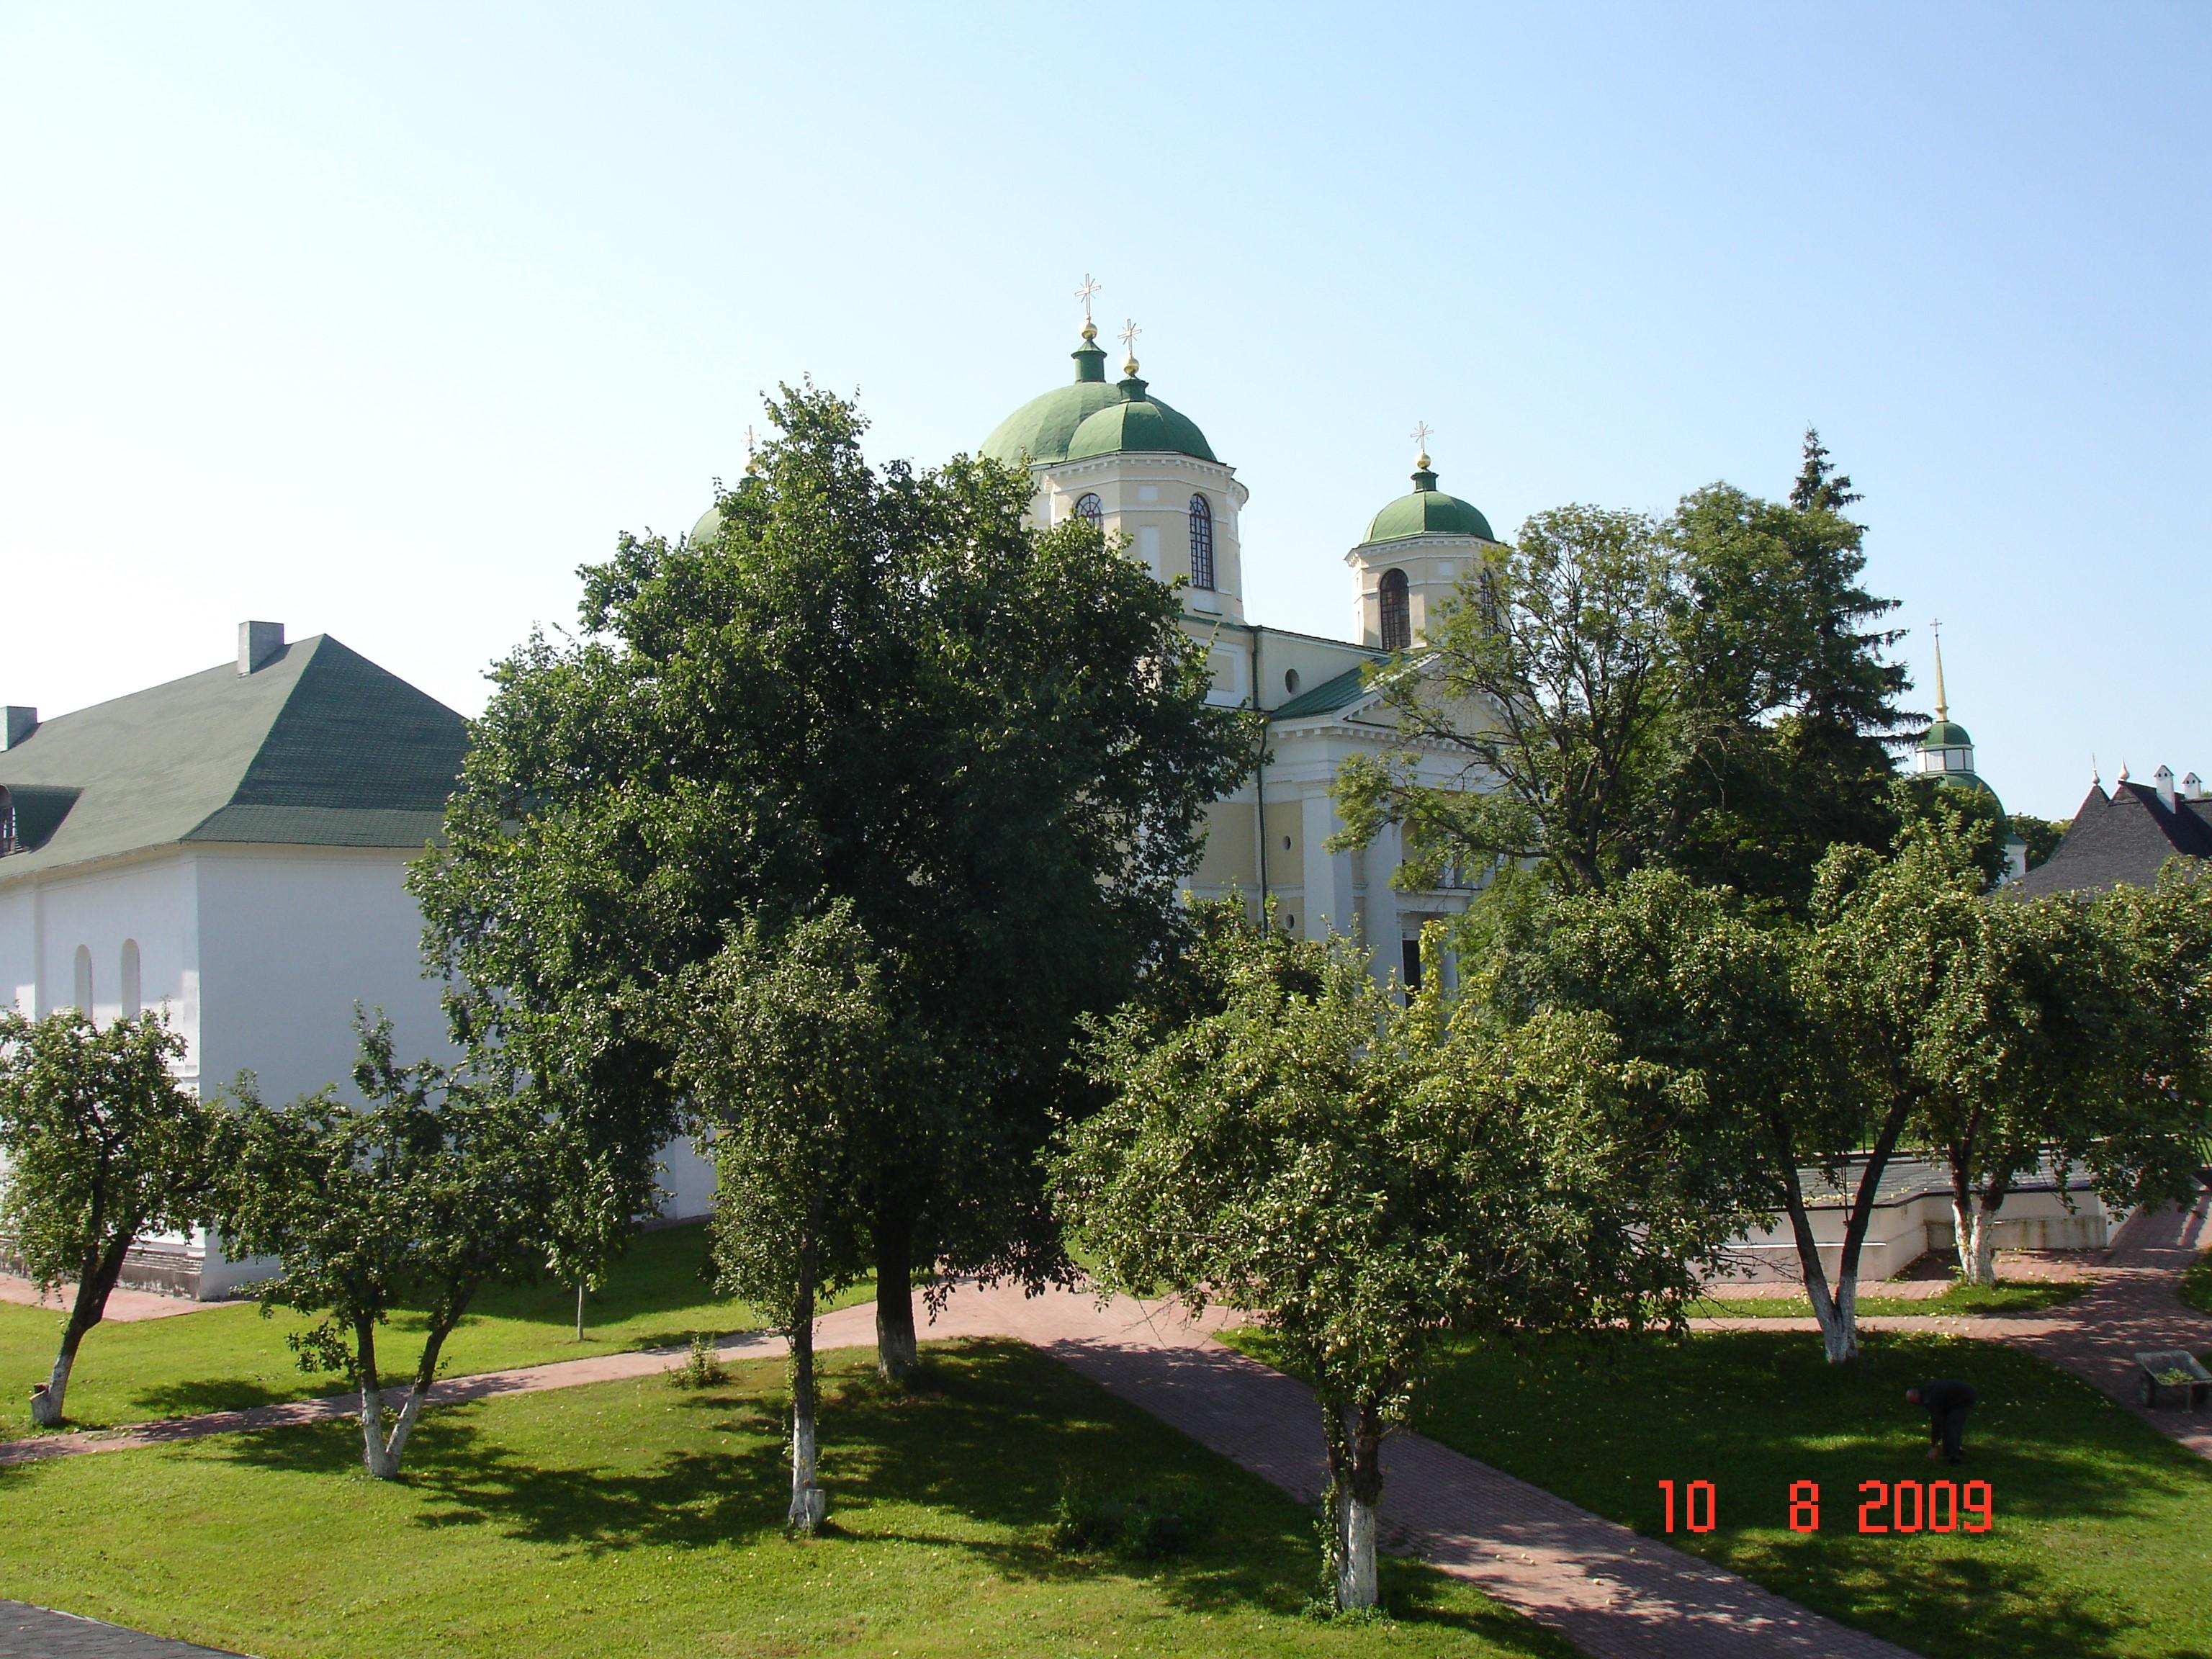 Так виглядає влітку старовинний Новгород-Сіверський Спасо-Преображенський монастир. Фото — Тетяна Чернецька (2009).